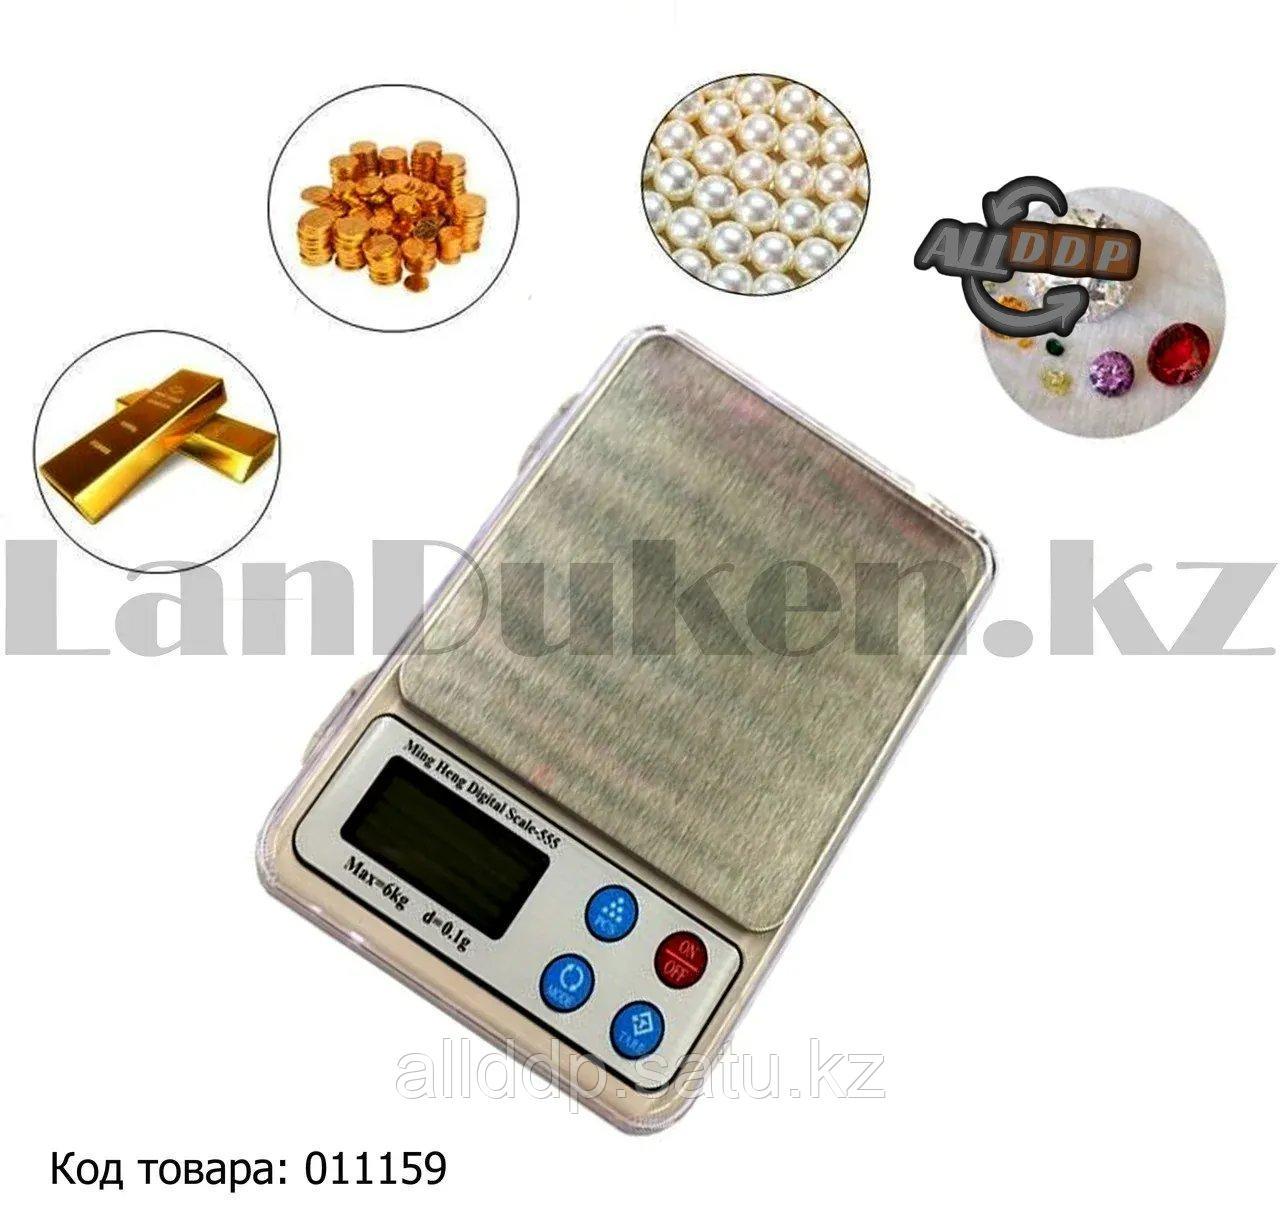 Электронные ювелирные весы Ming Heng MH-555